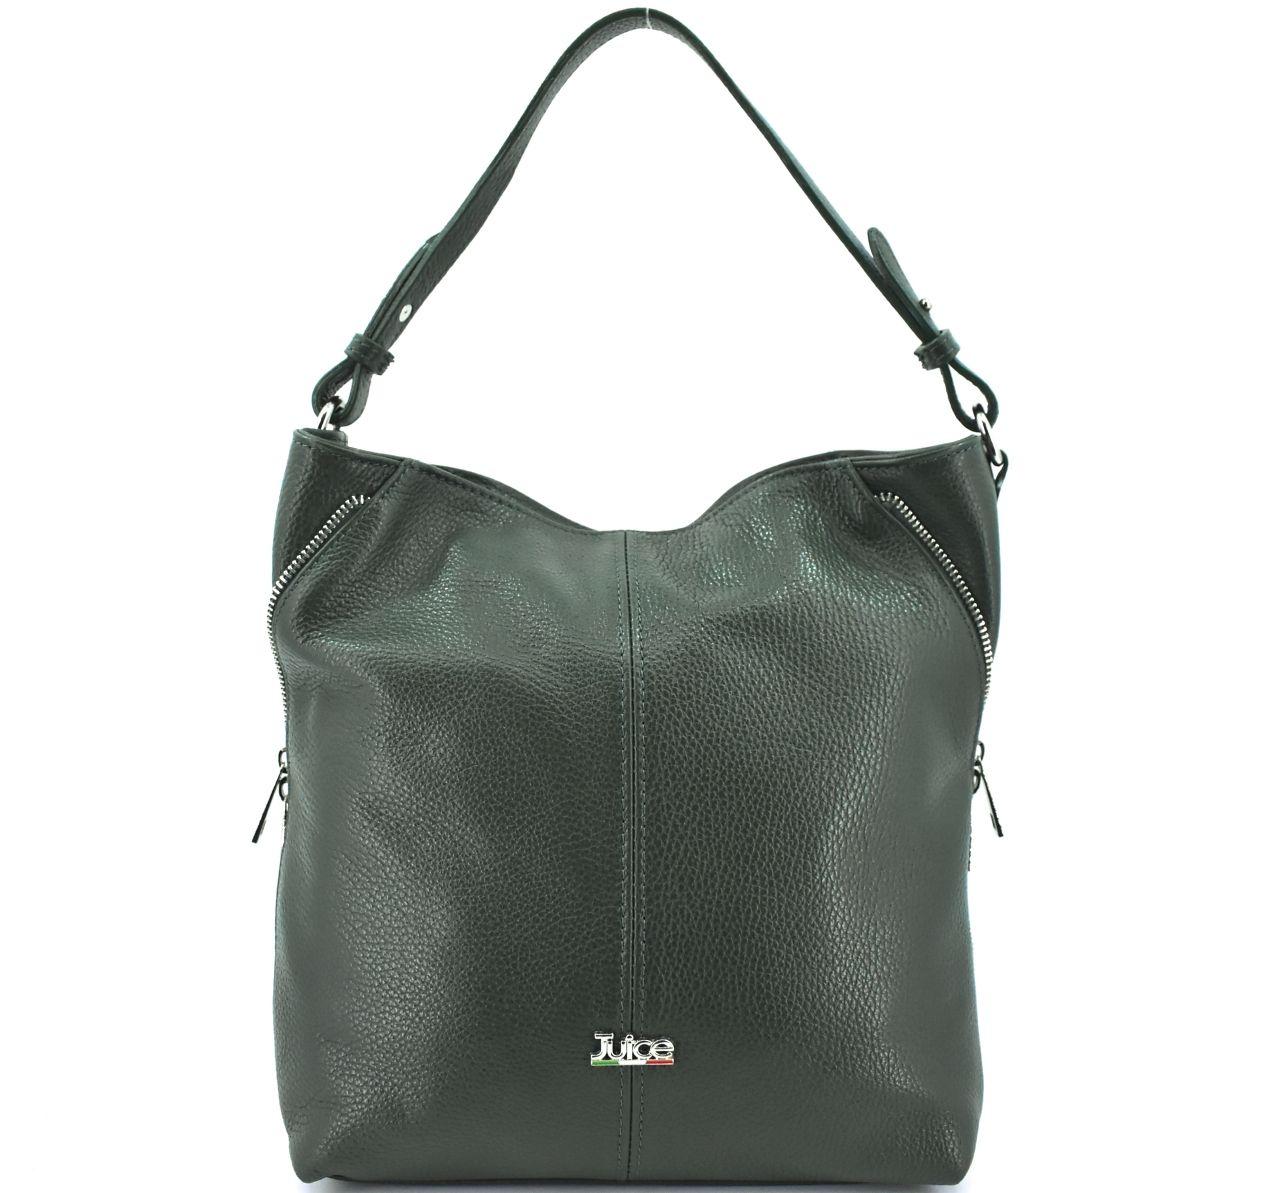 Dámská kožená kabelka Juice - tmavě zelená 112172